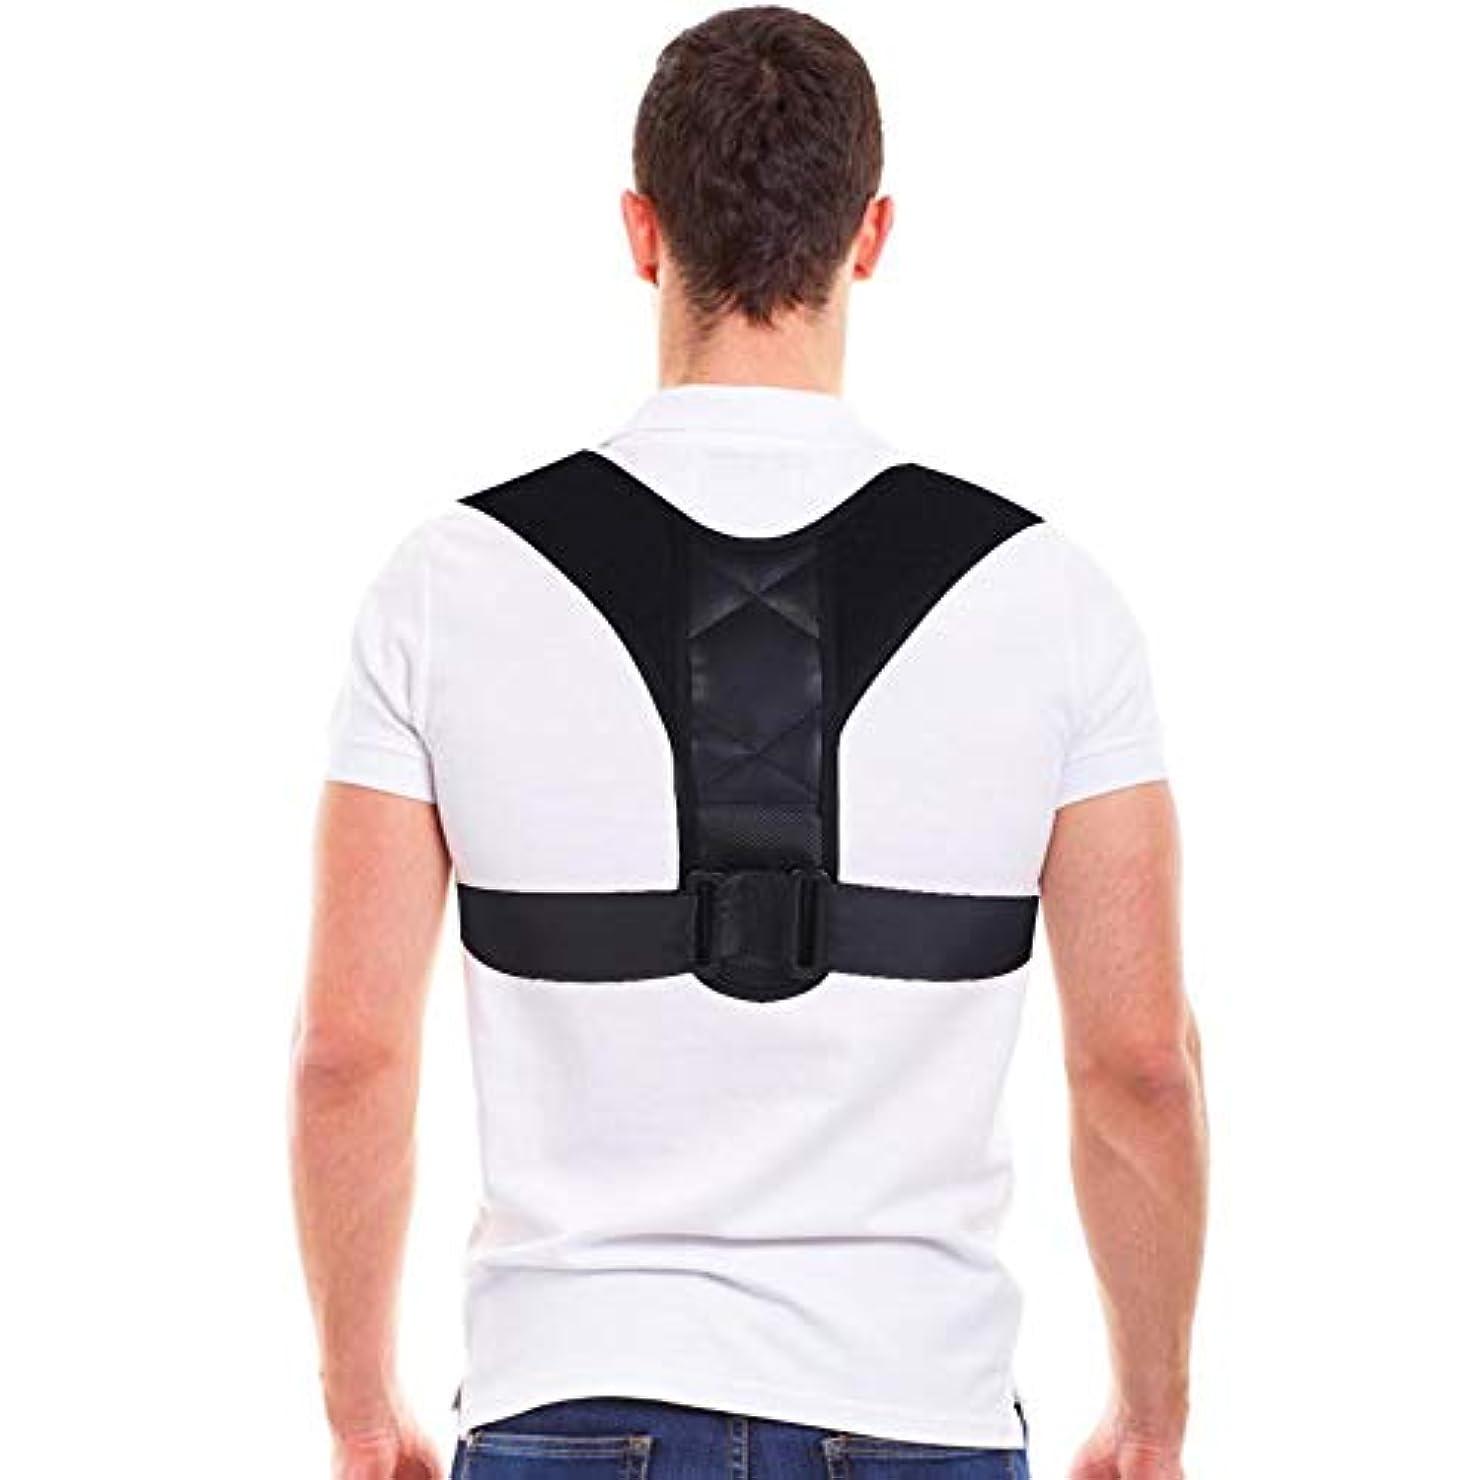 お誕生日アラバマ座標コレクター姿勢バックサポートベルト、8字型デザインの調節可能な鎖骨装具バンド、男性と女性の姿勢、腰痛予防、腰痛予防